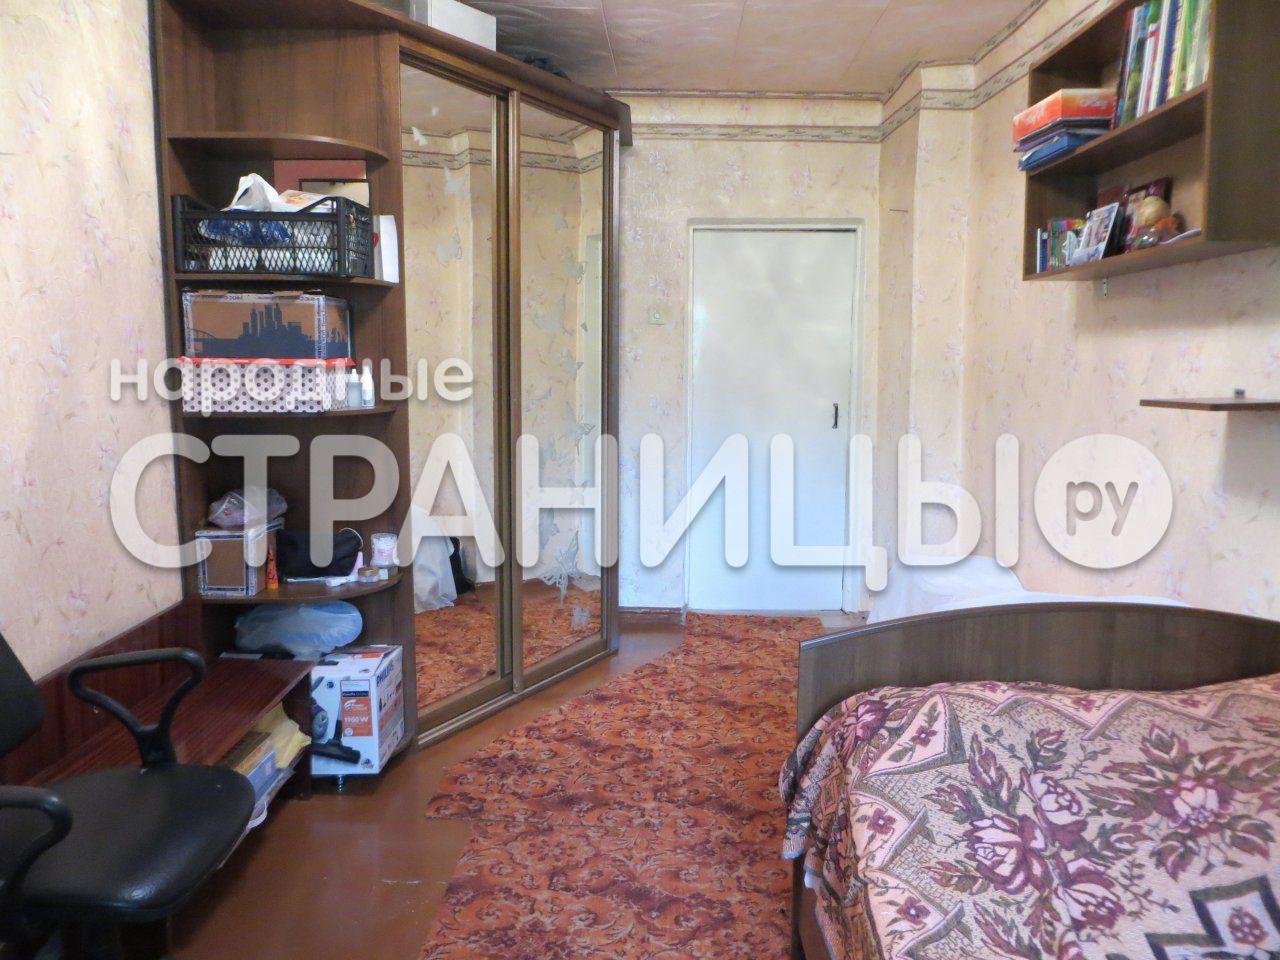 2-комнатная квартира, 44.3 м²,  2/2 эт. Блочный дом, Вторичное жилье